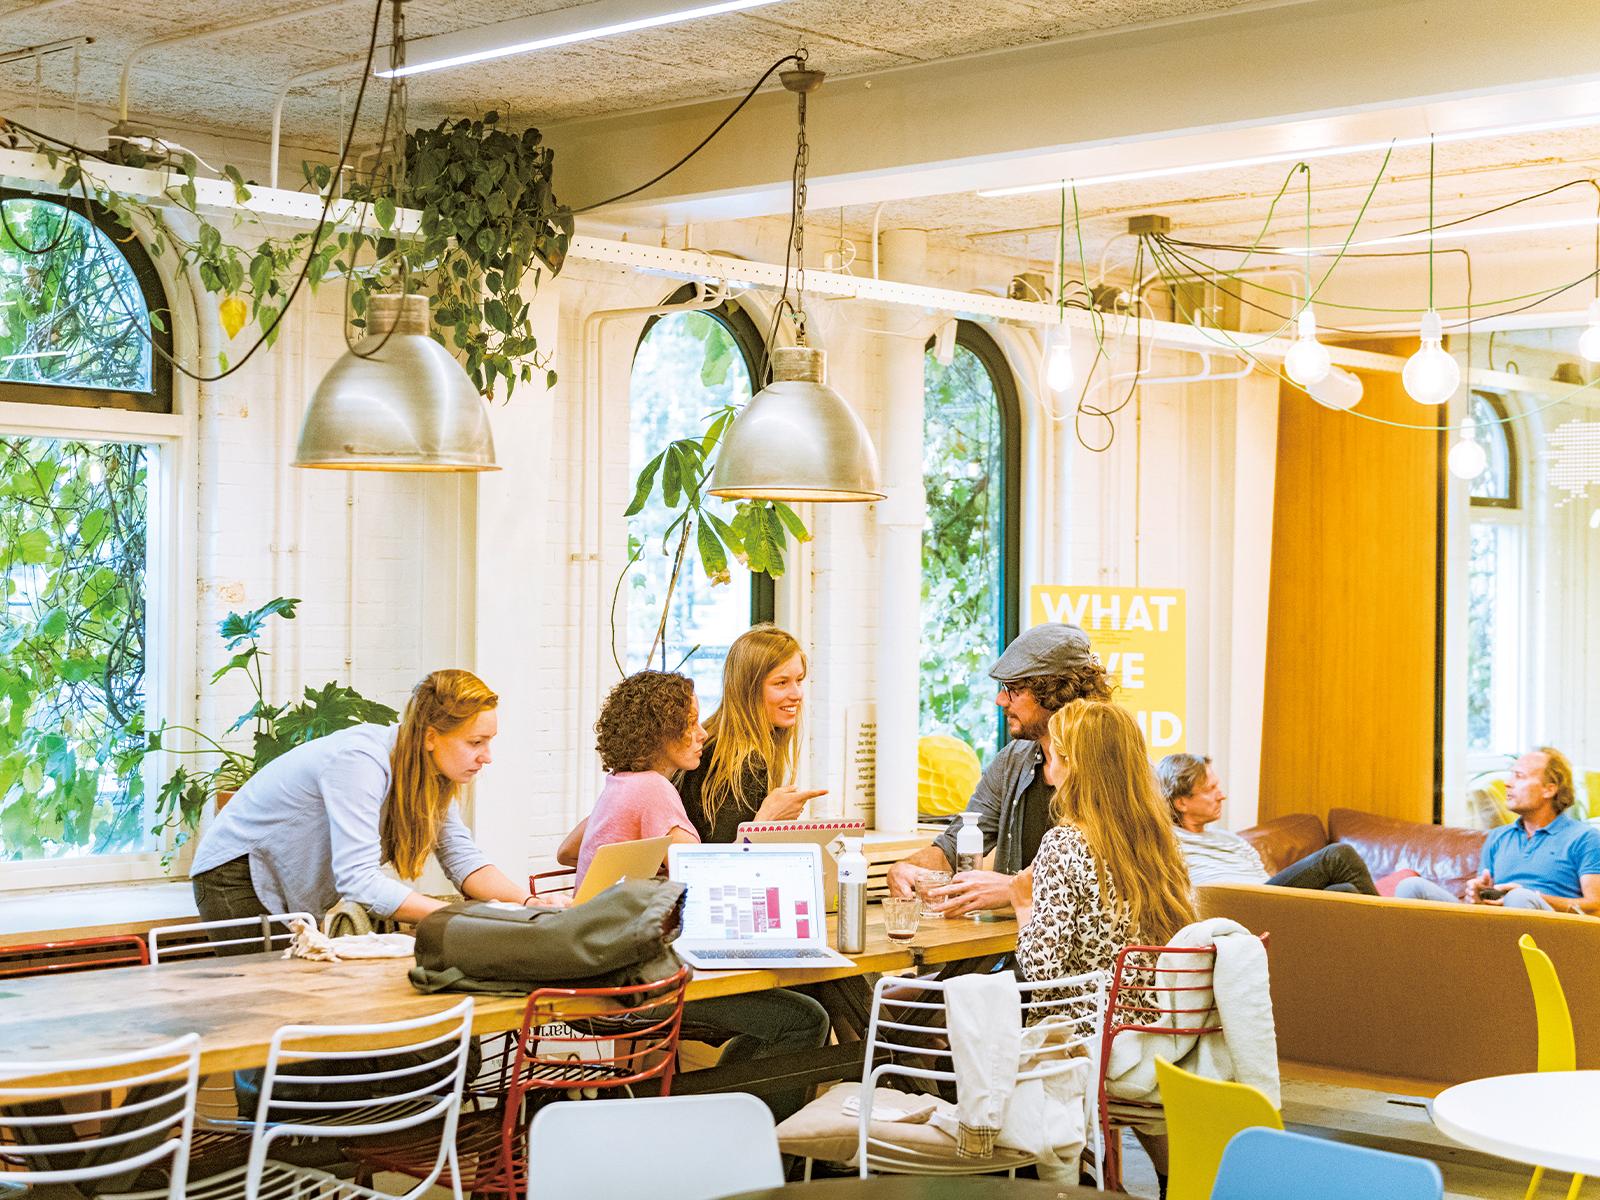 アイデアを交わし合える共有スペースは、『Impact Hub Amsterdam』のメンバー以外にも開放されている。